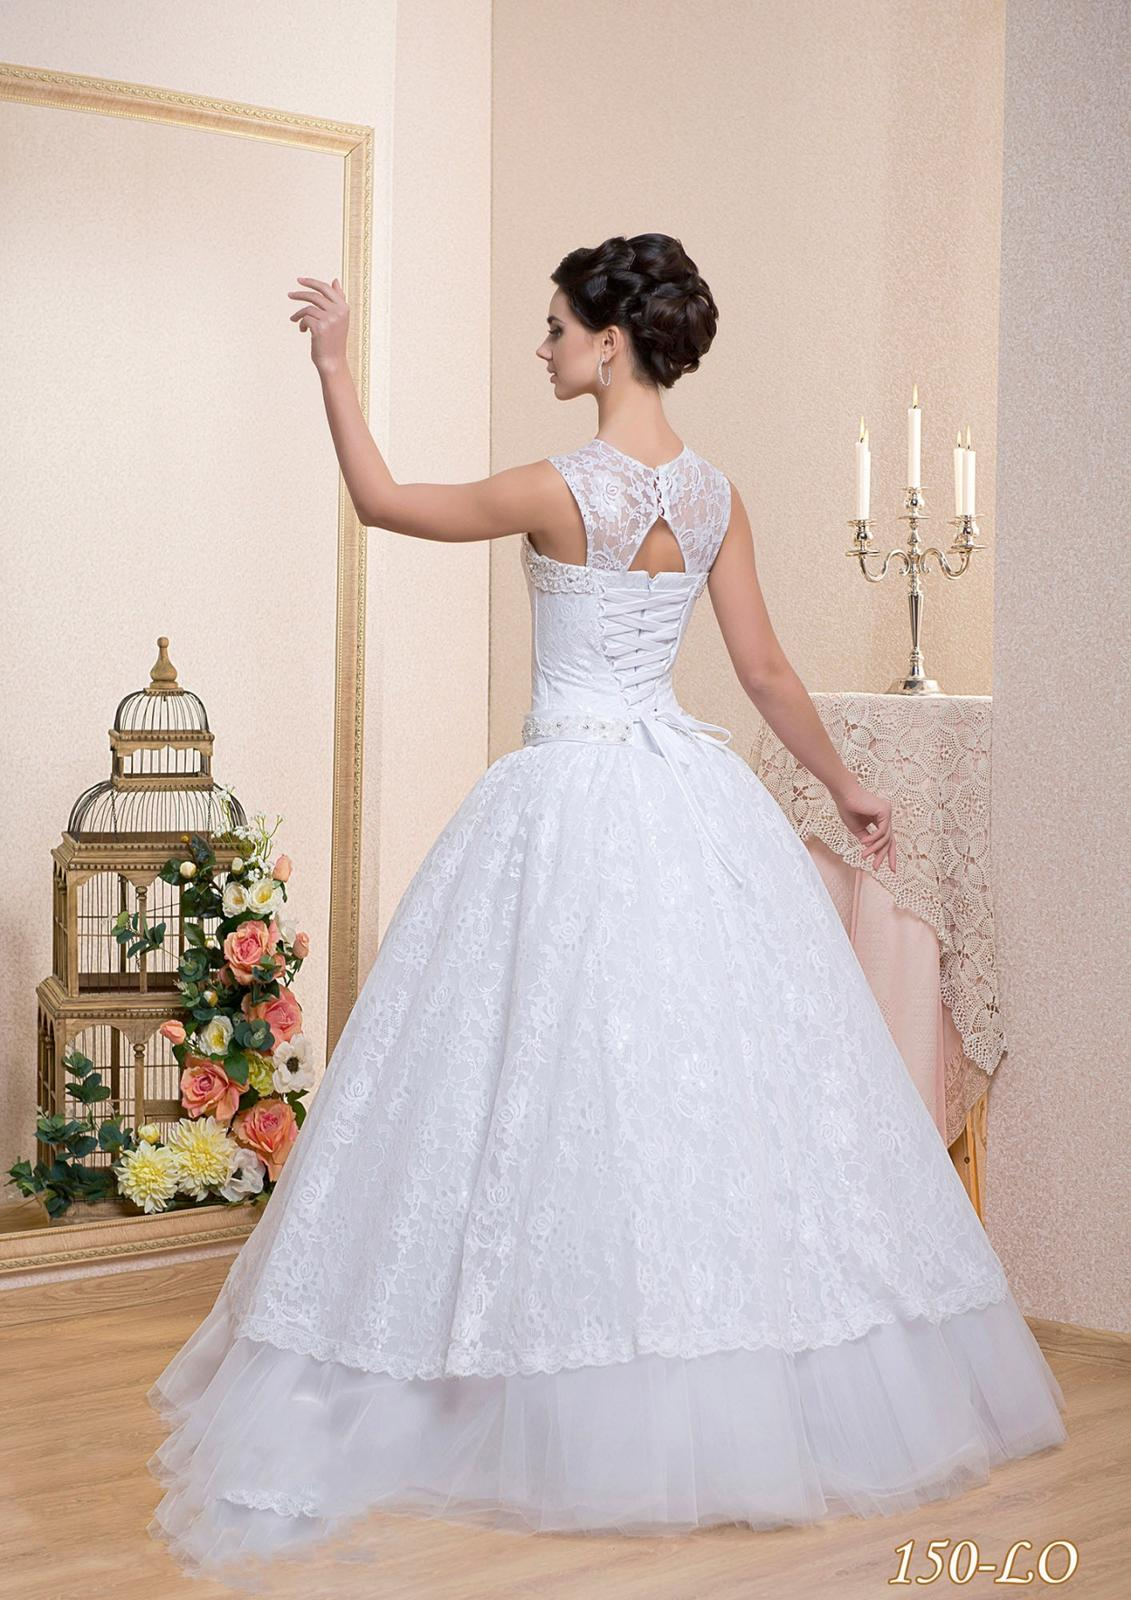 Šitie svadobných a večerných šiat na mieru.  - Obrázok č. 2